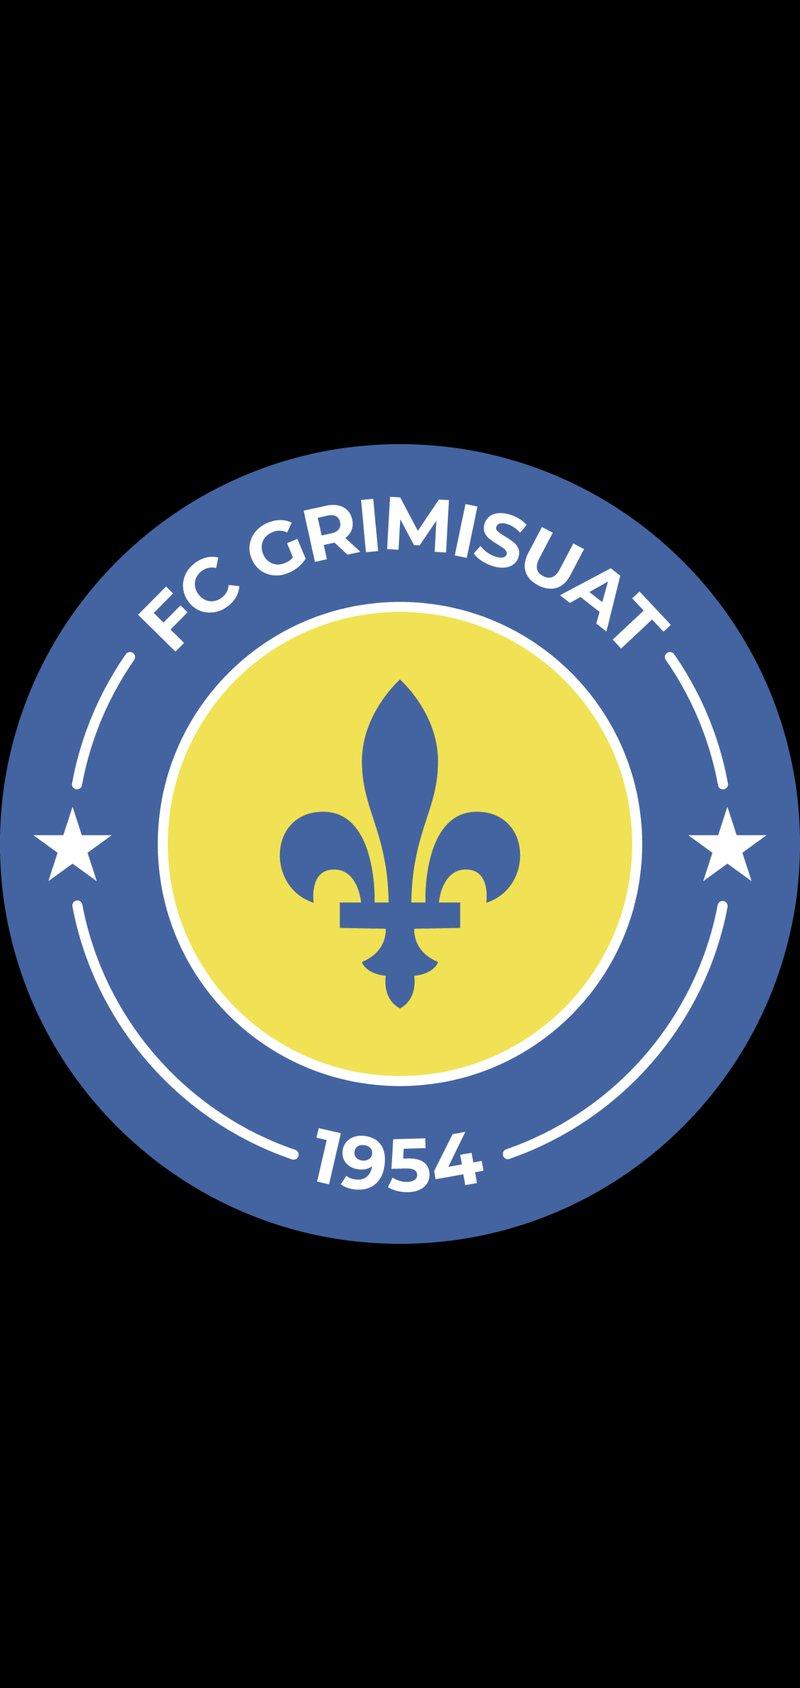 FC Grimisuat